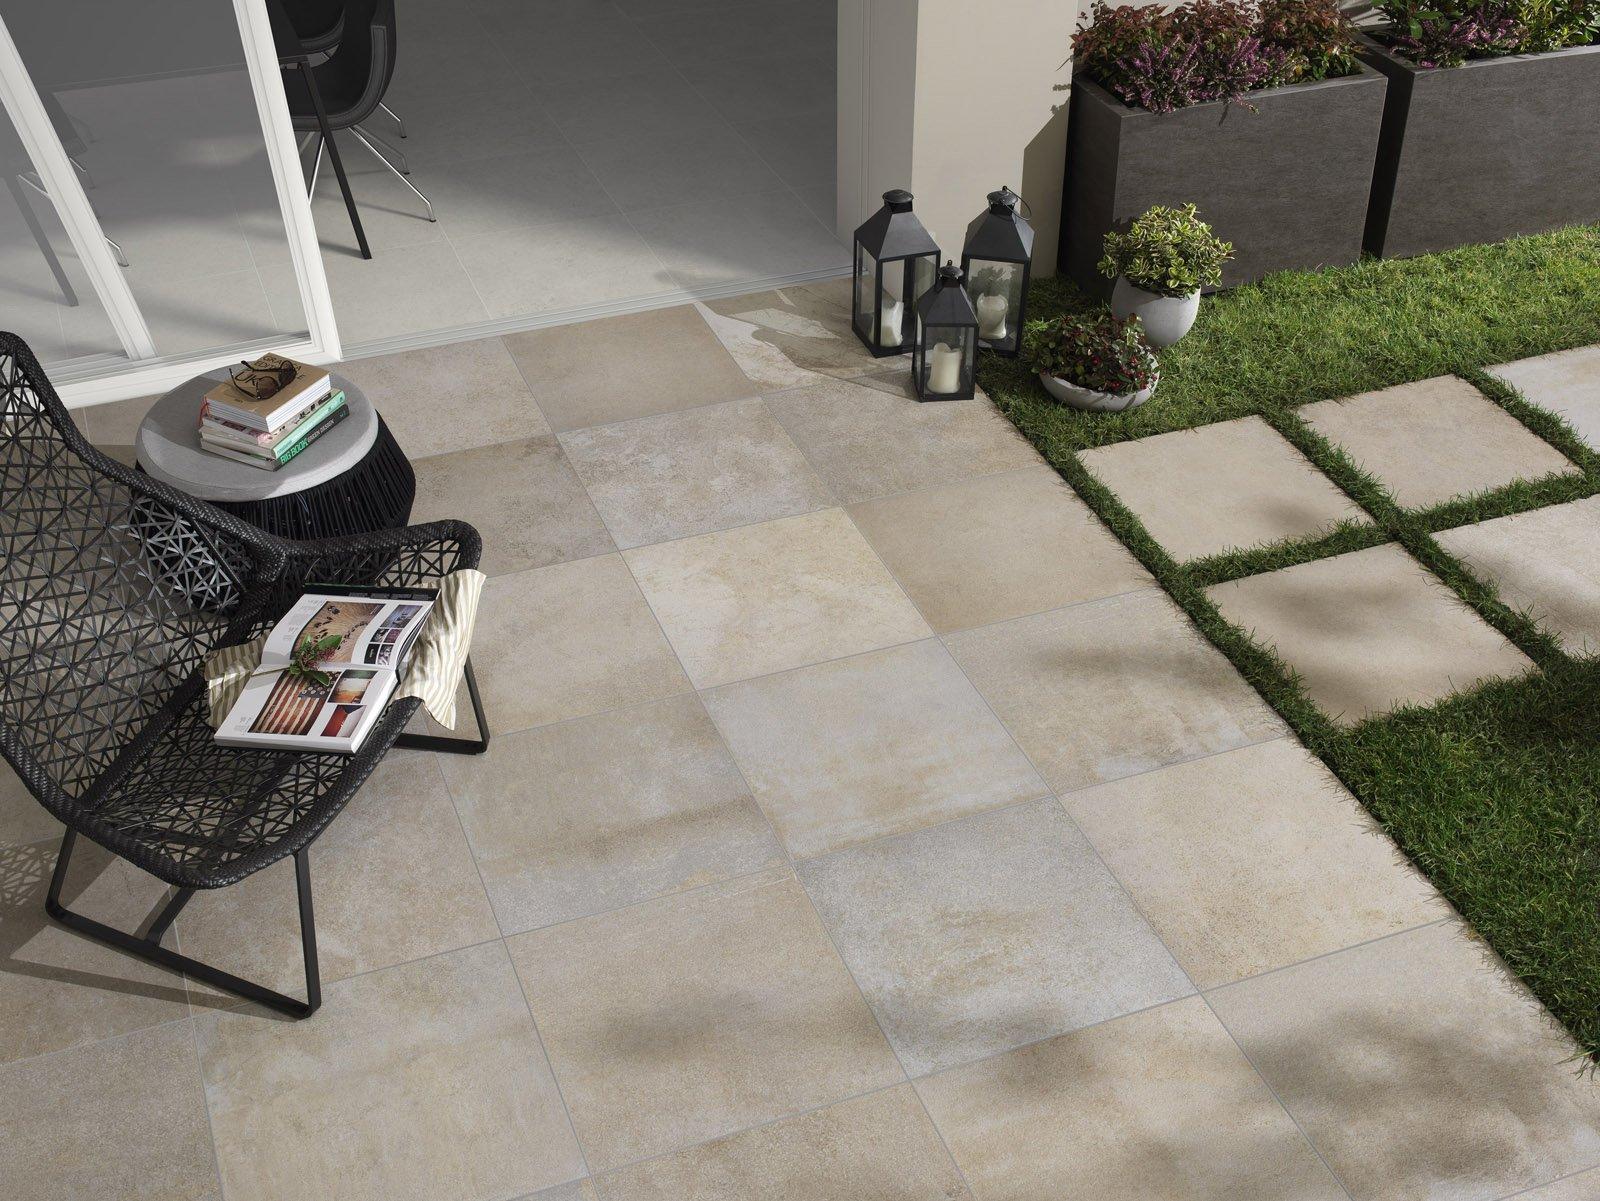 Piastrelle per esterni che materiale scegliere cose di casa - Rimuovere cemento da piastrelle ...